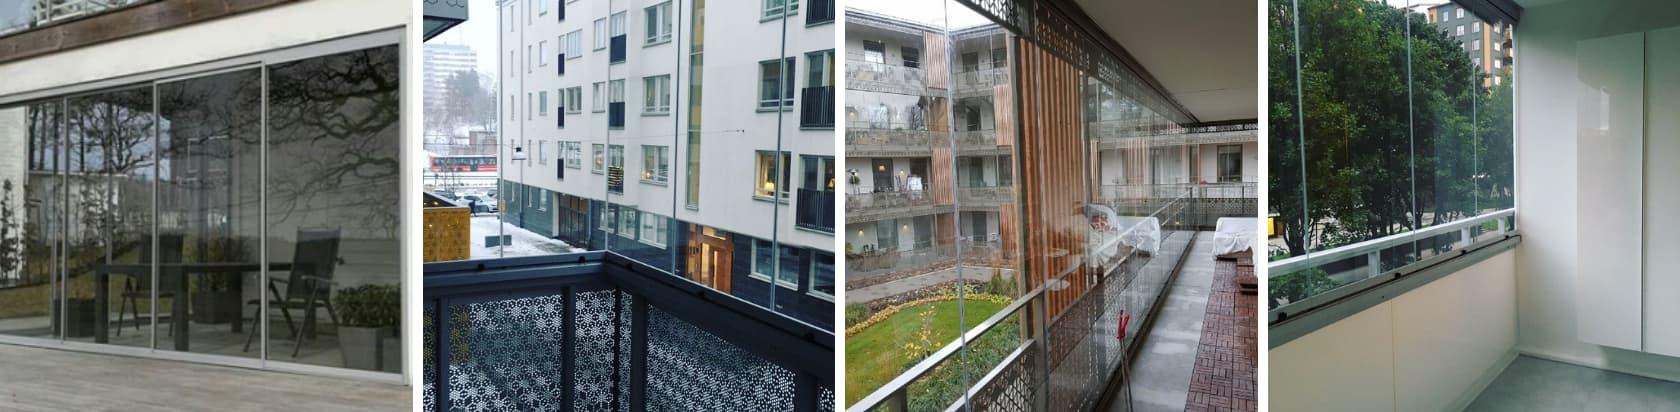 Glasa in balkonger i Brf - Bostadsrättsförening